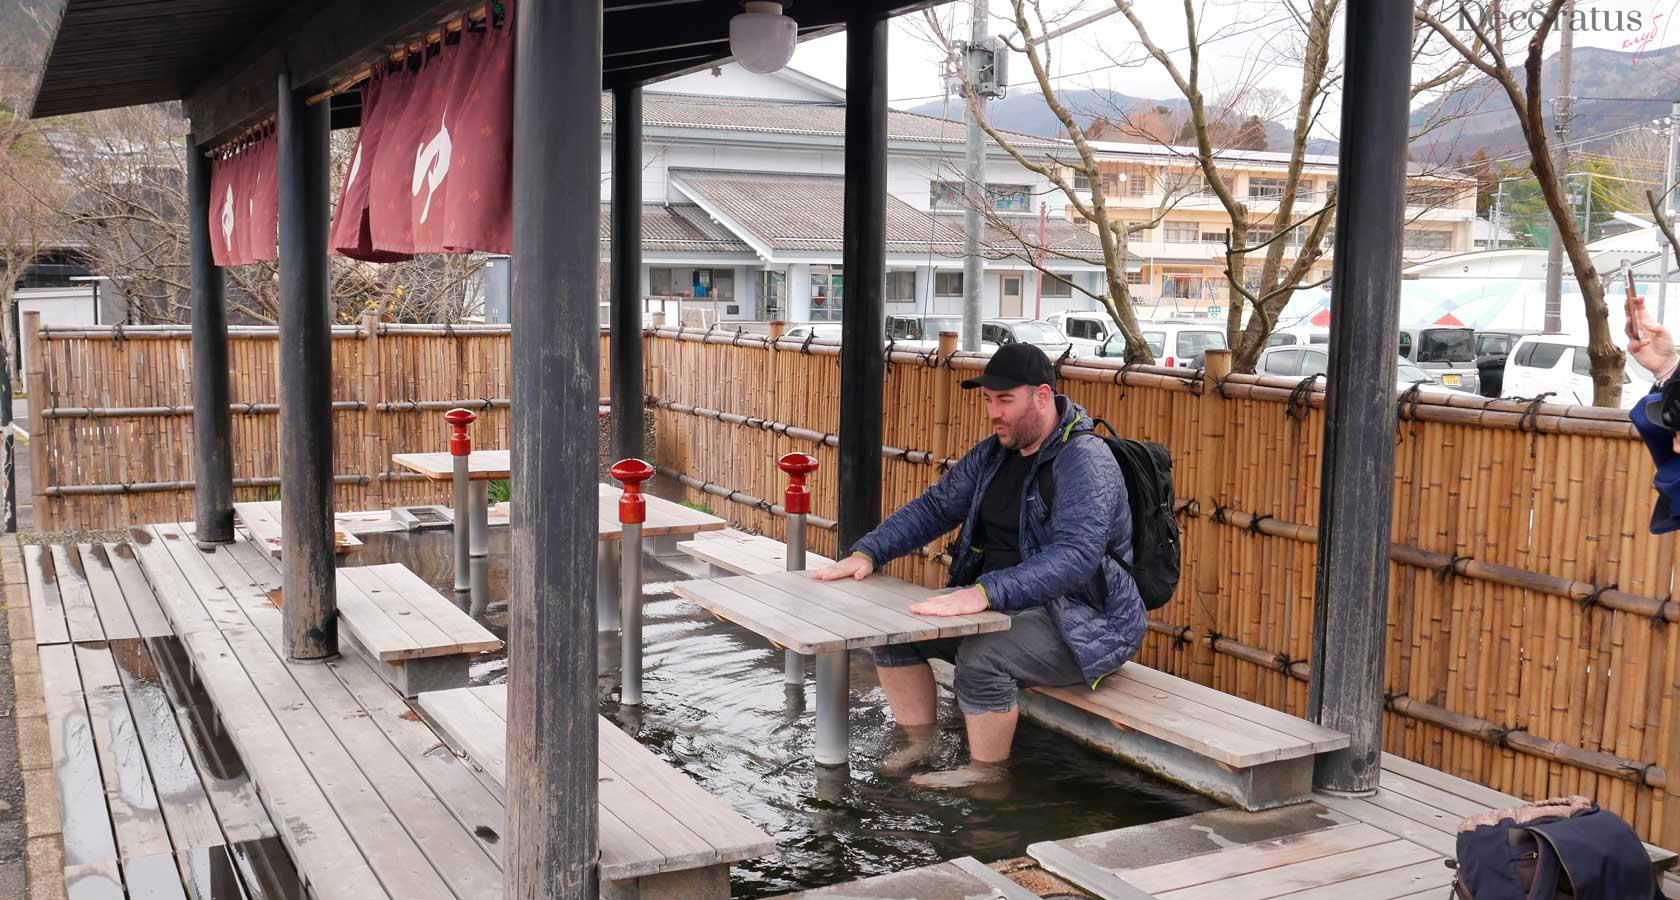 термальный курорт юфуин япония